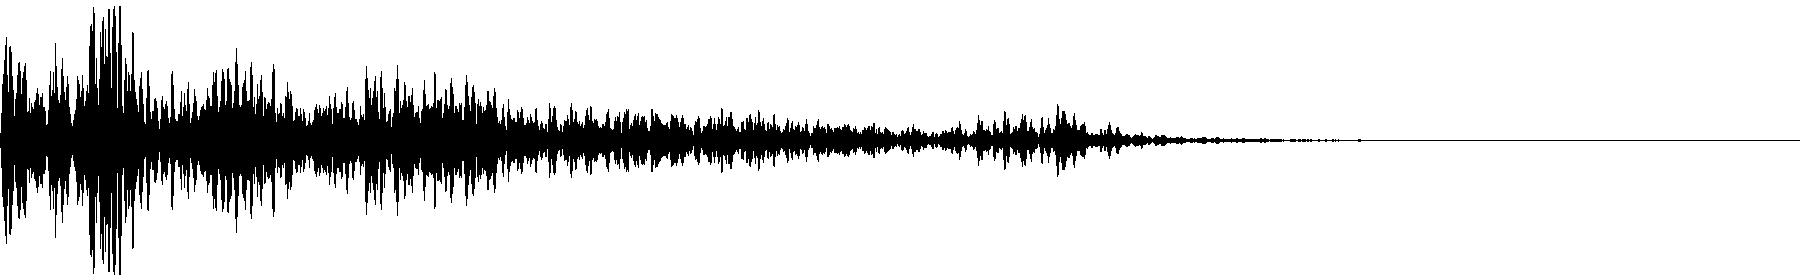 bluezone xworld sound 029